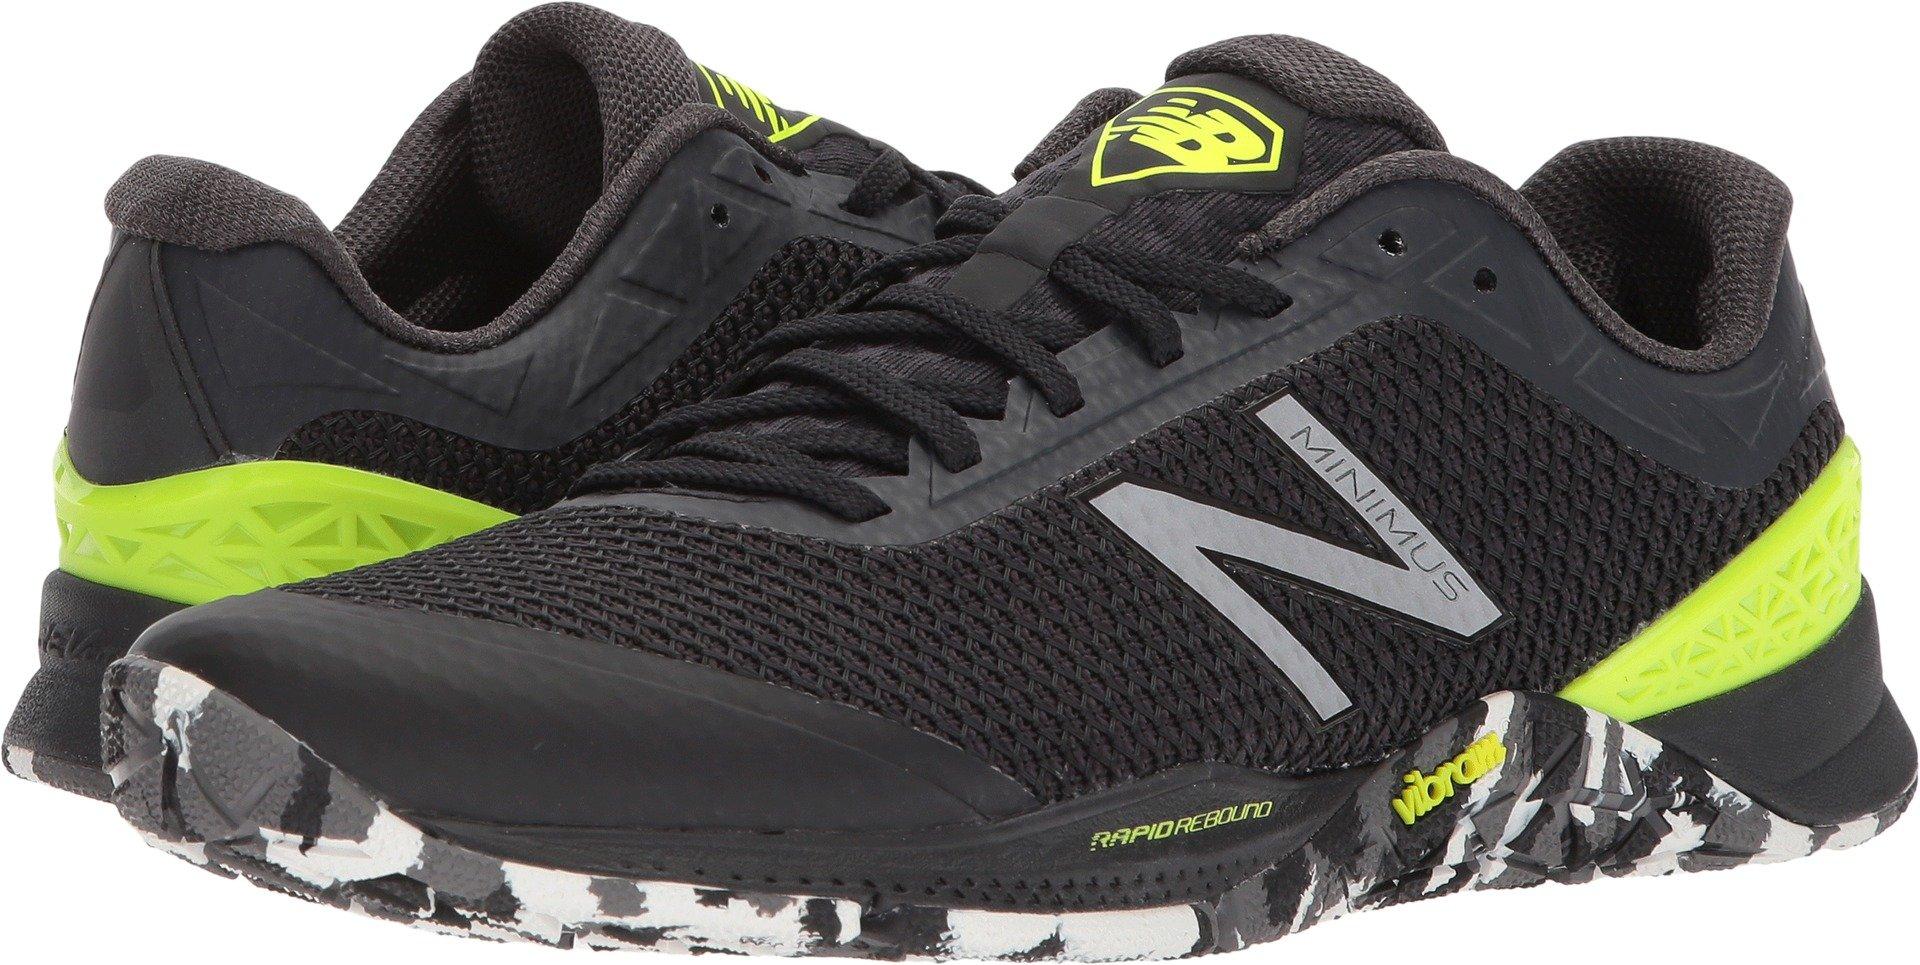 New Balance Men's 40v1 Minimus Training Shoe, Black, 9.5 D US